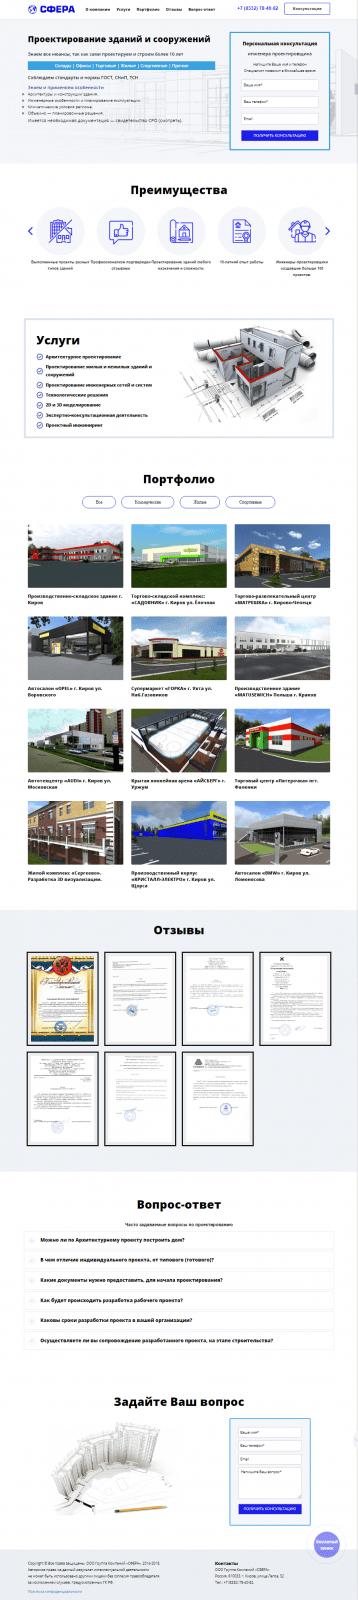 Сайт услуг проектирования Сфера